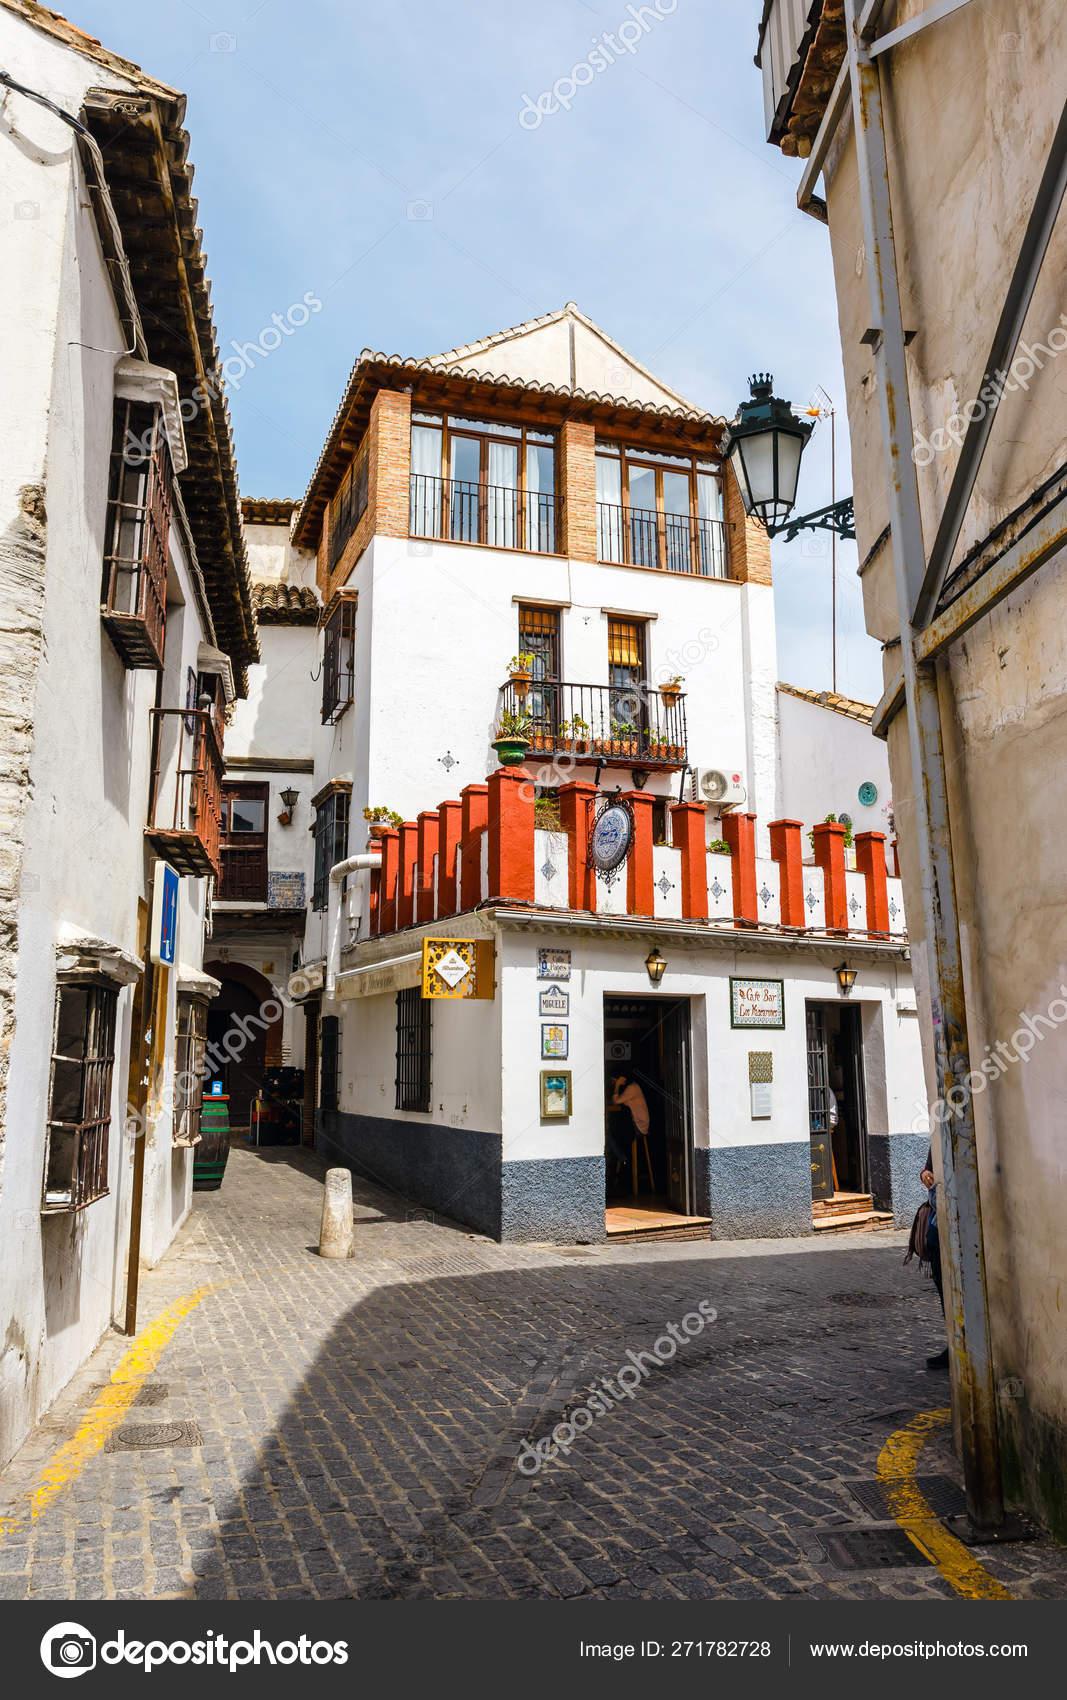 Granada, Spain, April 06, 2018: Traditional arabic architecture of